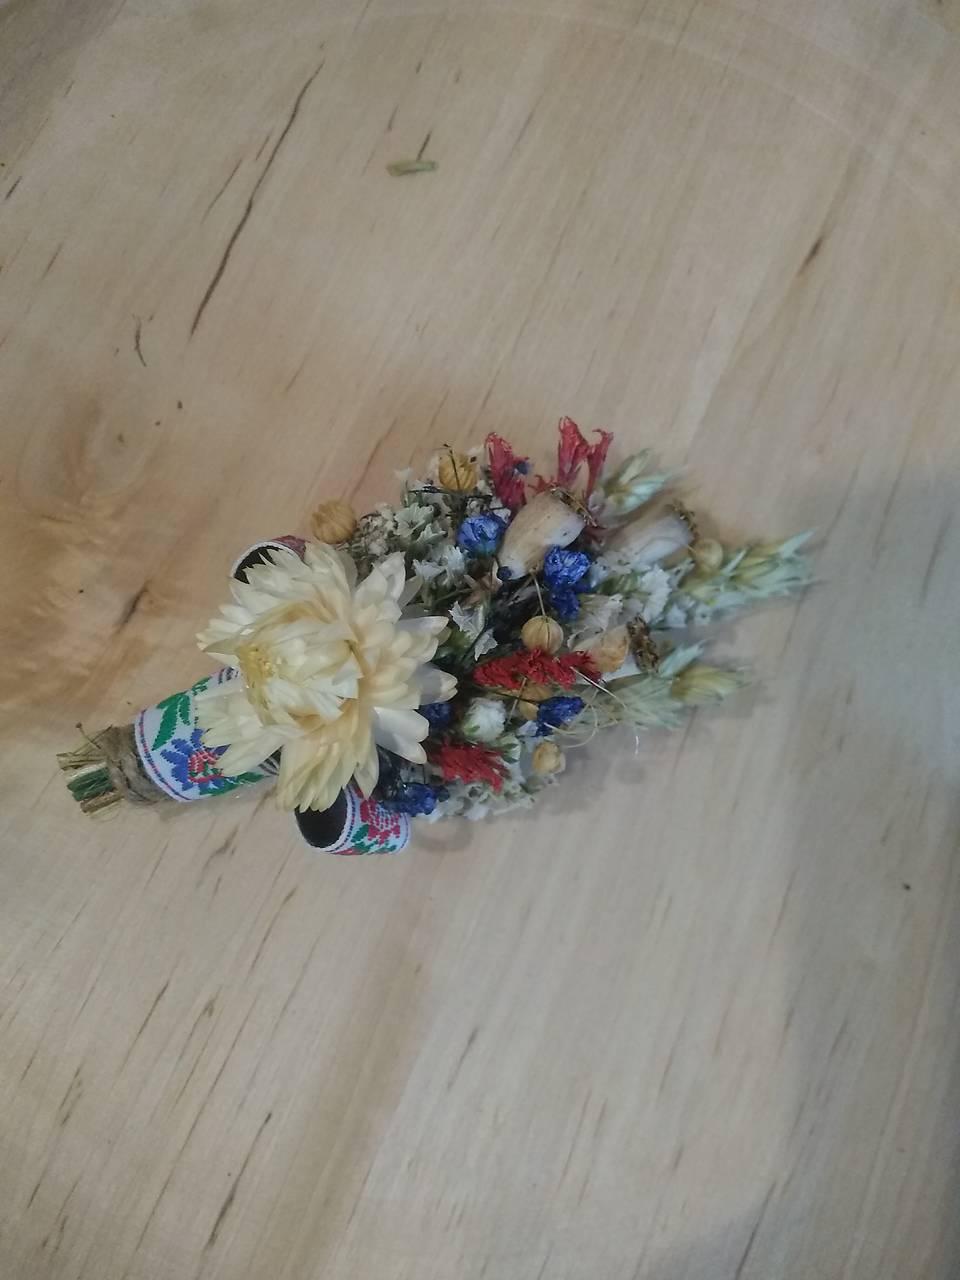 prírodné pierko pre otcov, svedkov zo sušených kvetov